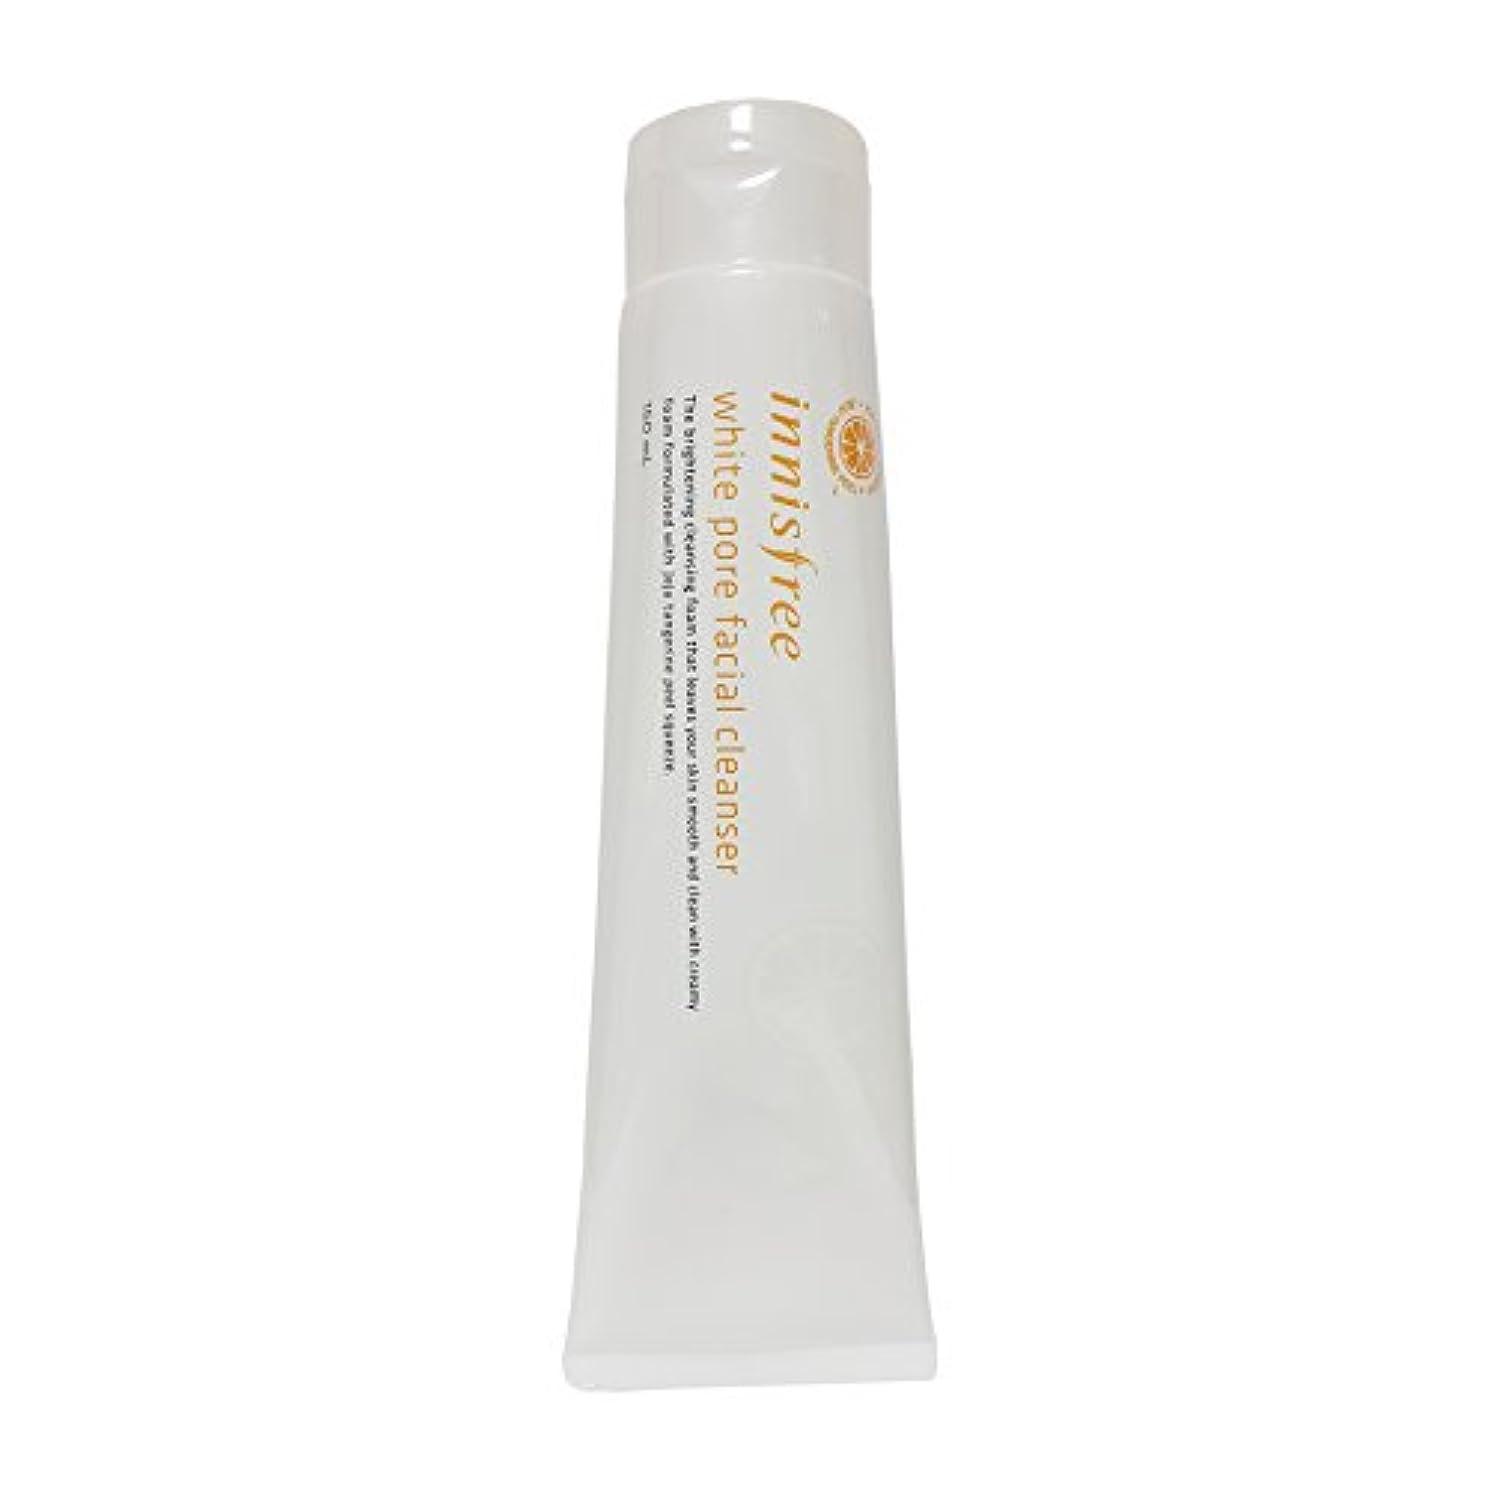 子孫まどろみのあるネーピア[イニスフリー] Innisfree ホワイト毛穴フェイシャルクレンザー (150ml) Innisfree White Pore Facial Cleanser(150ml) [海外直送品]